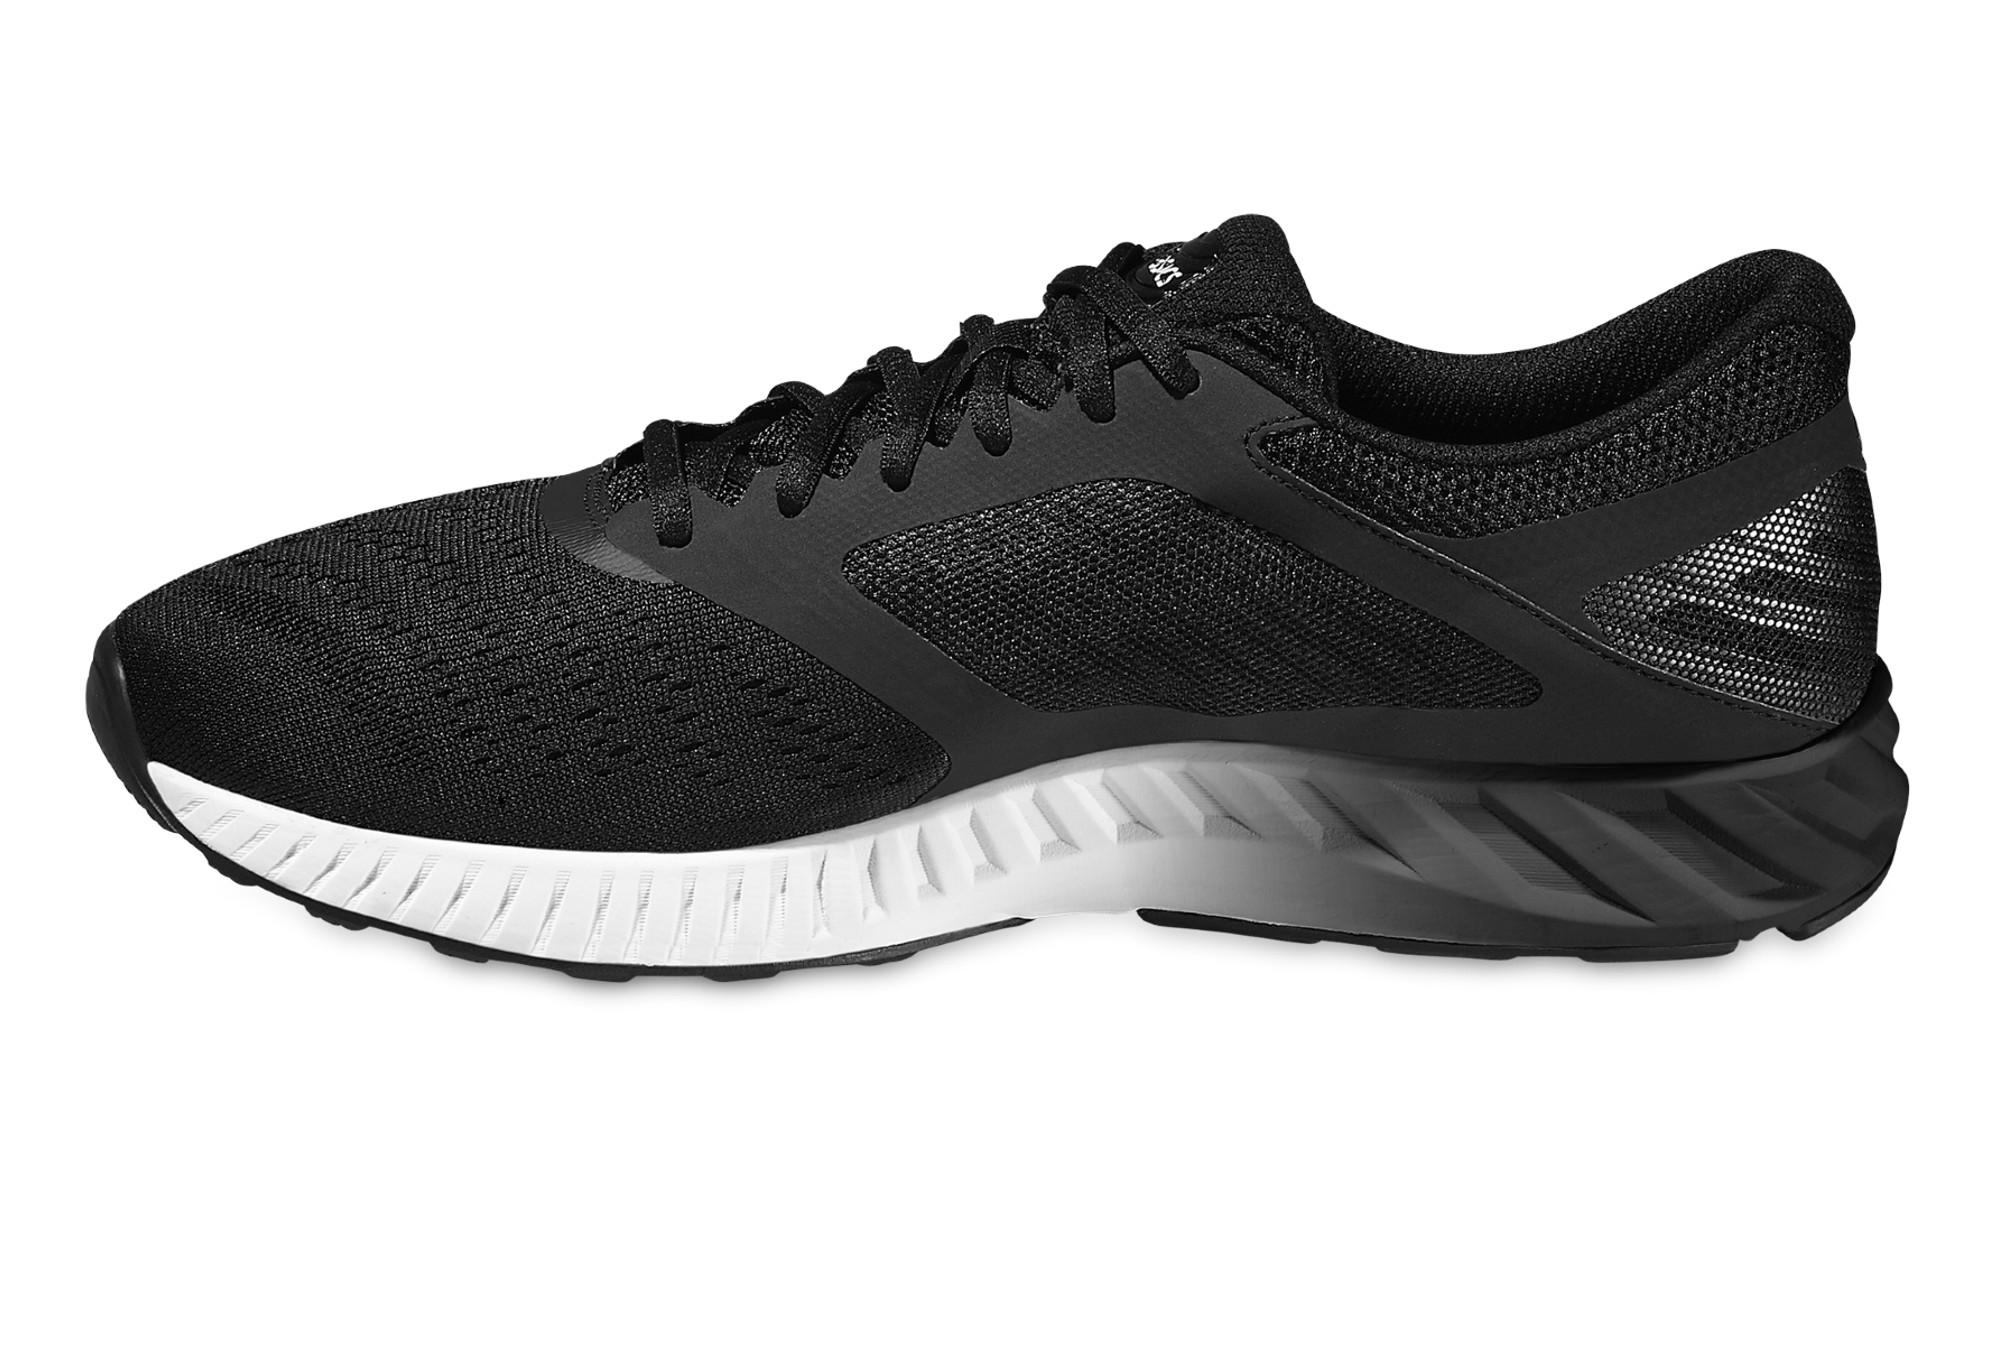 Noir Chaussures Lyte Fuzex Asics De Blanc Running gnUqpFwf